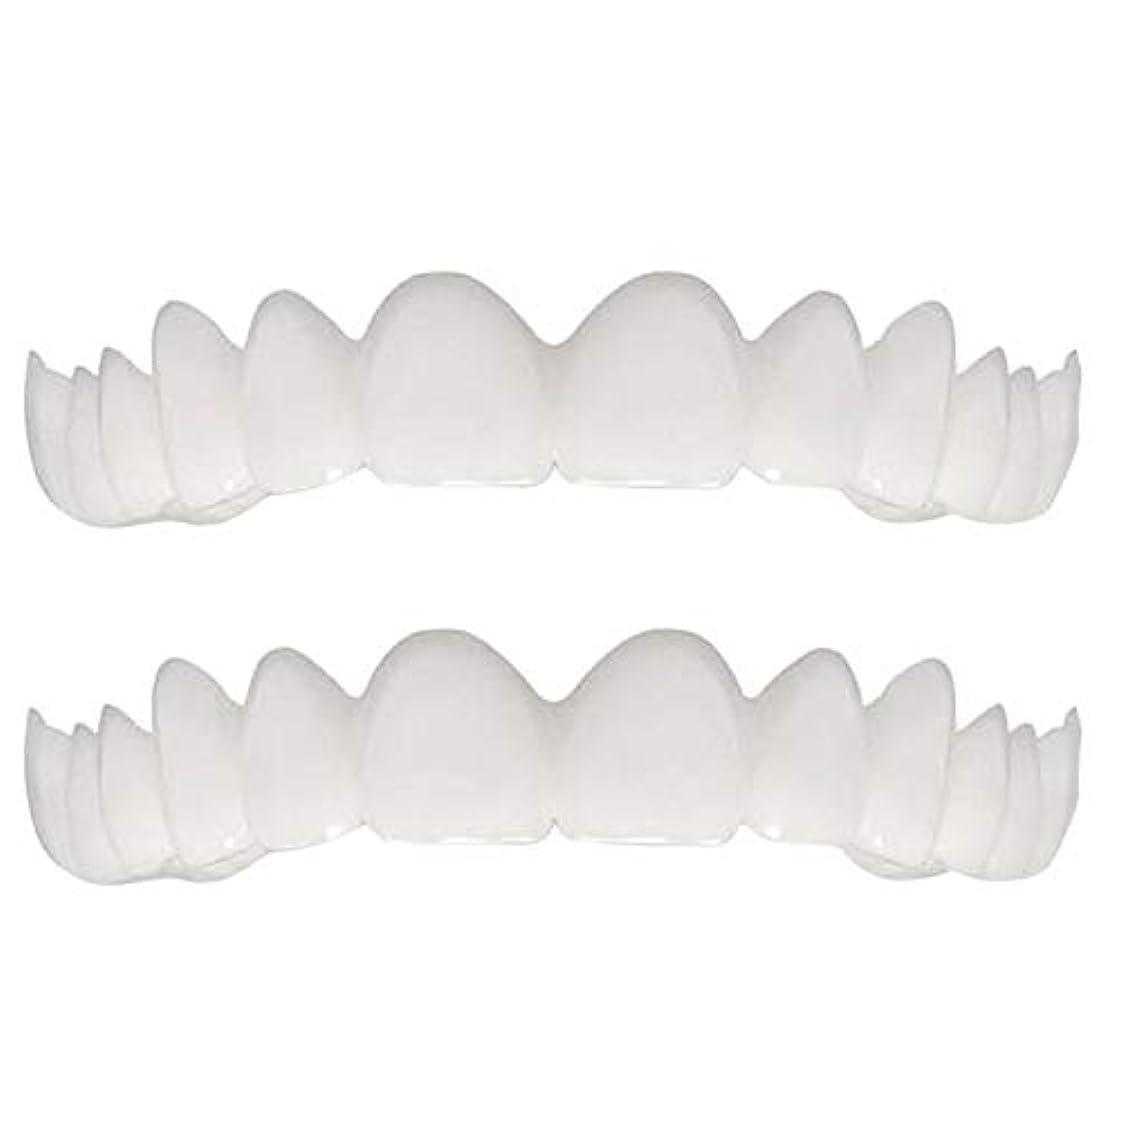 大佐フォージマッサージシリコーンシミュレーション義歯、白い歯ブレースの上下の列(2セット),Boxed,UpperLower